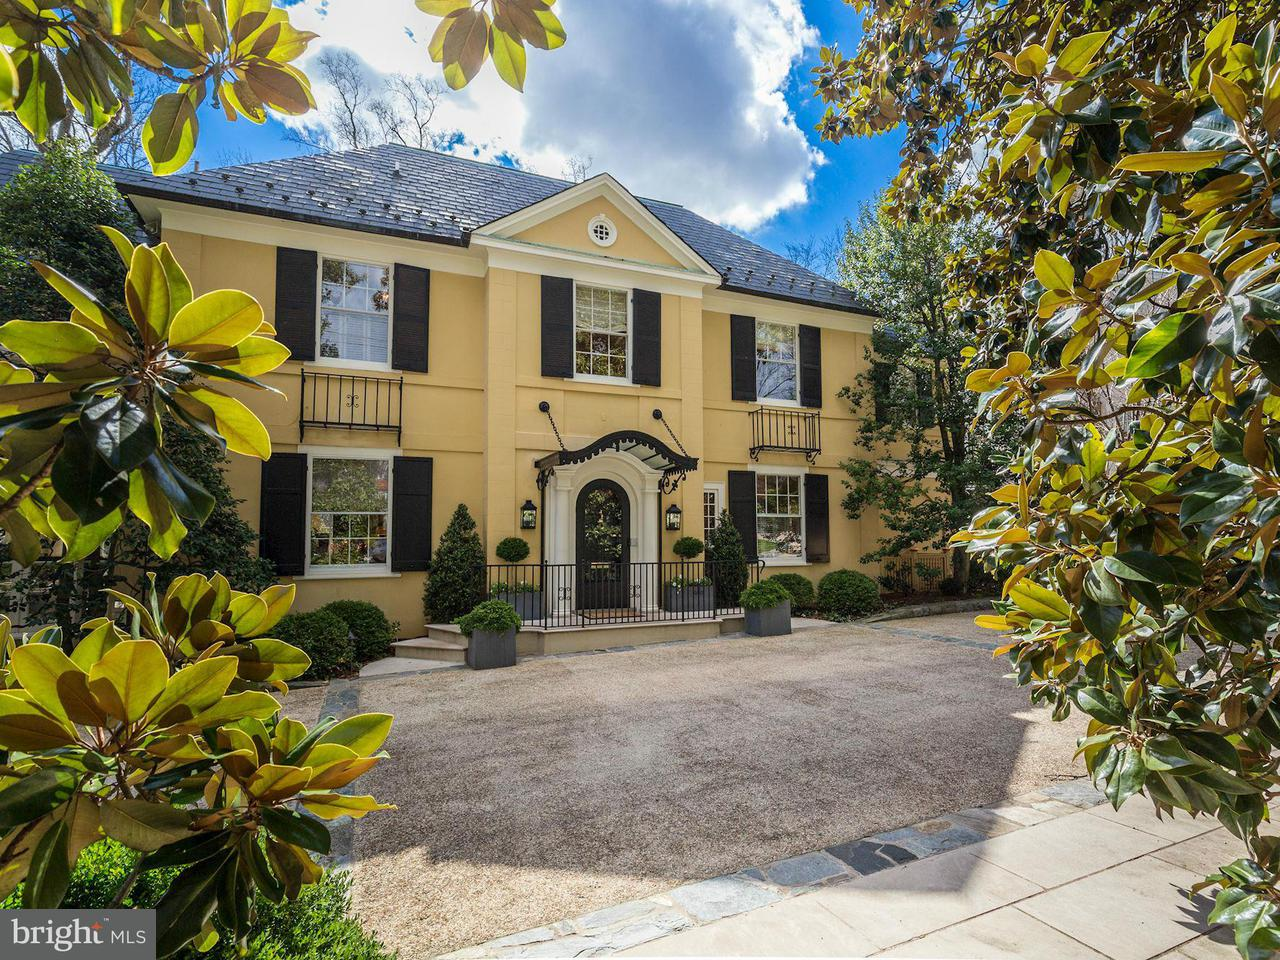 Частный односемейный дом для того Продажа на 4524 Cathedral Ave Nw 4524 Cathedral Ave Nw Washington, Округ Колумбия 20016 Соединенные Штаты